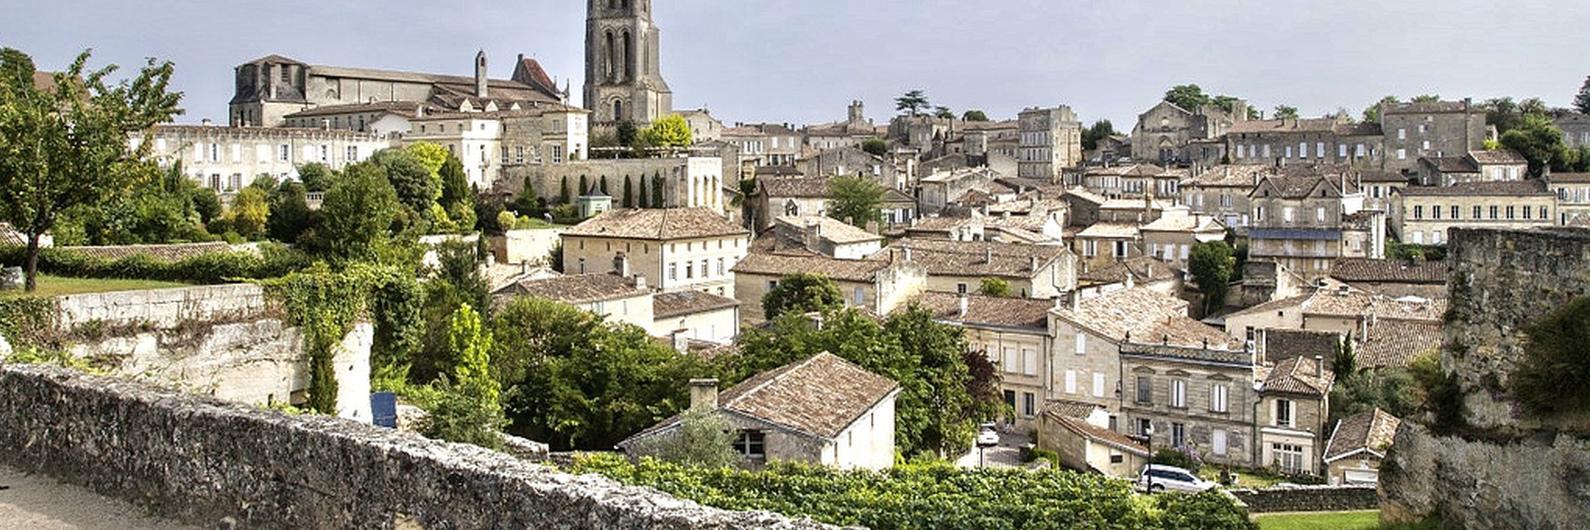 São muitos os vinhos lendários produzidos na região de Bordéus, mas esta cidade tem mais para oferecer